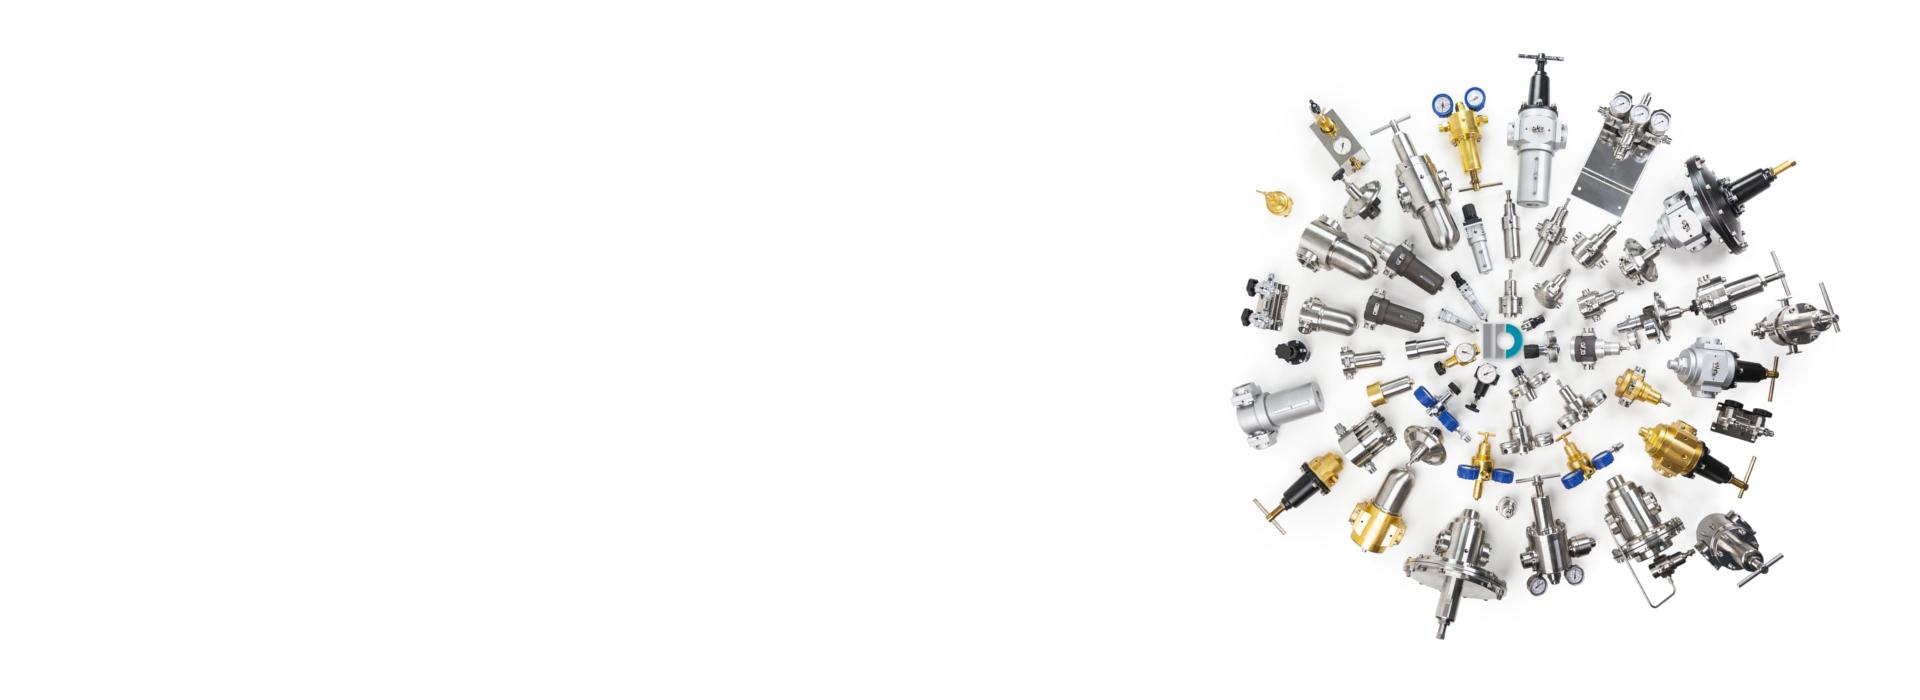 ID INSERT DEAL – Dostawca armatury do gazów technicznych i sprężonego powietrza